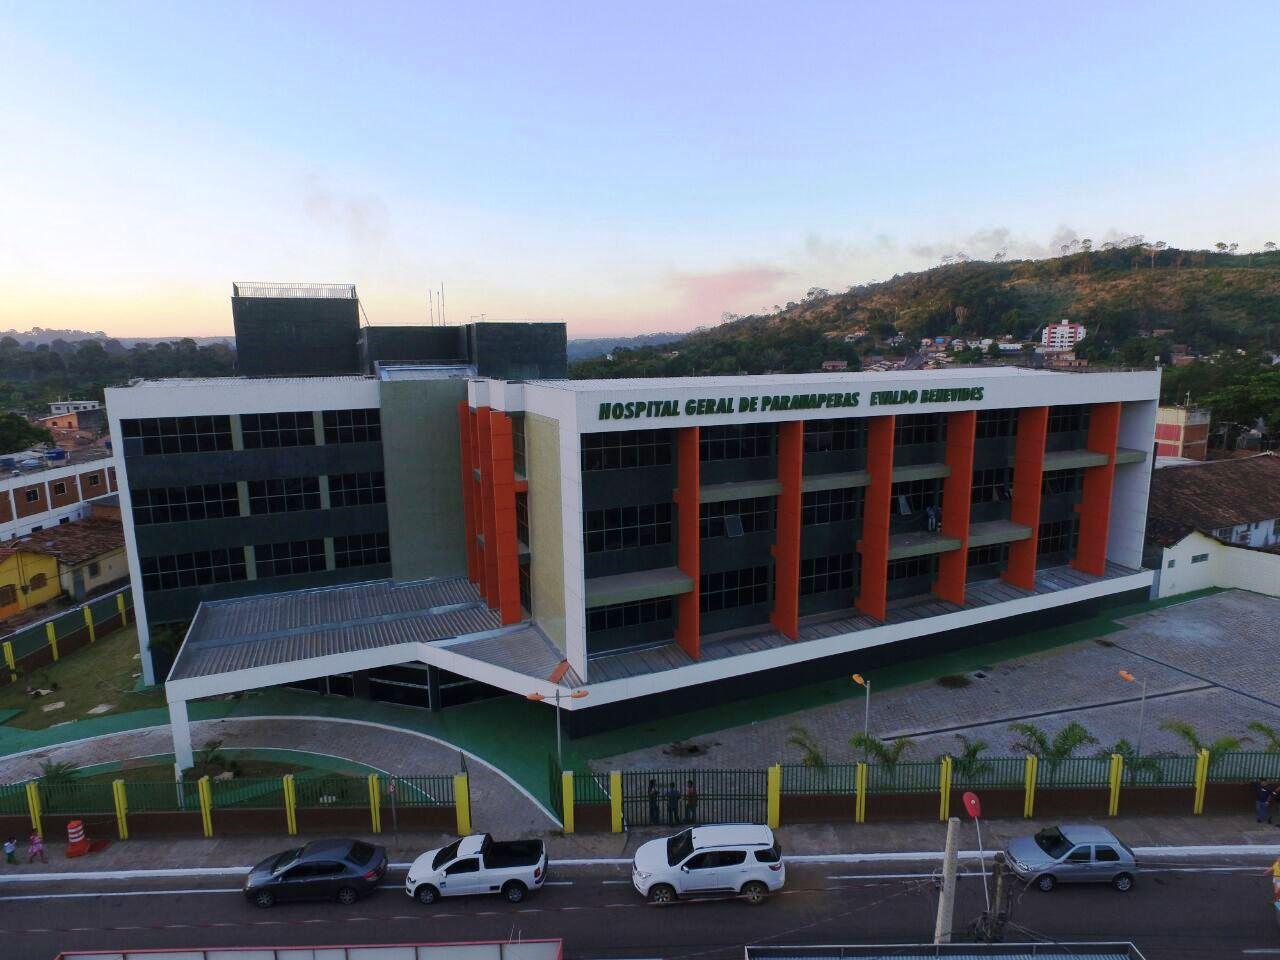 Saúde de Parauapebas terá reforço de R$ 14 milhões